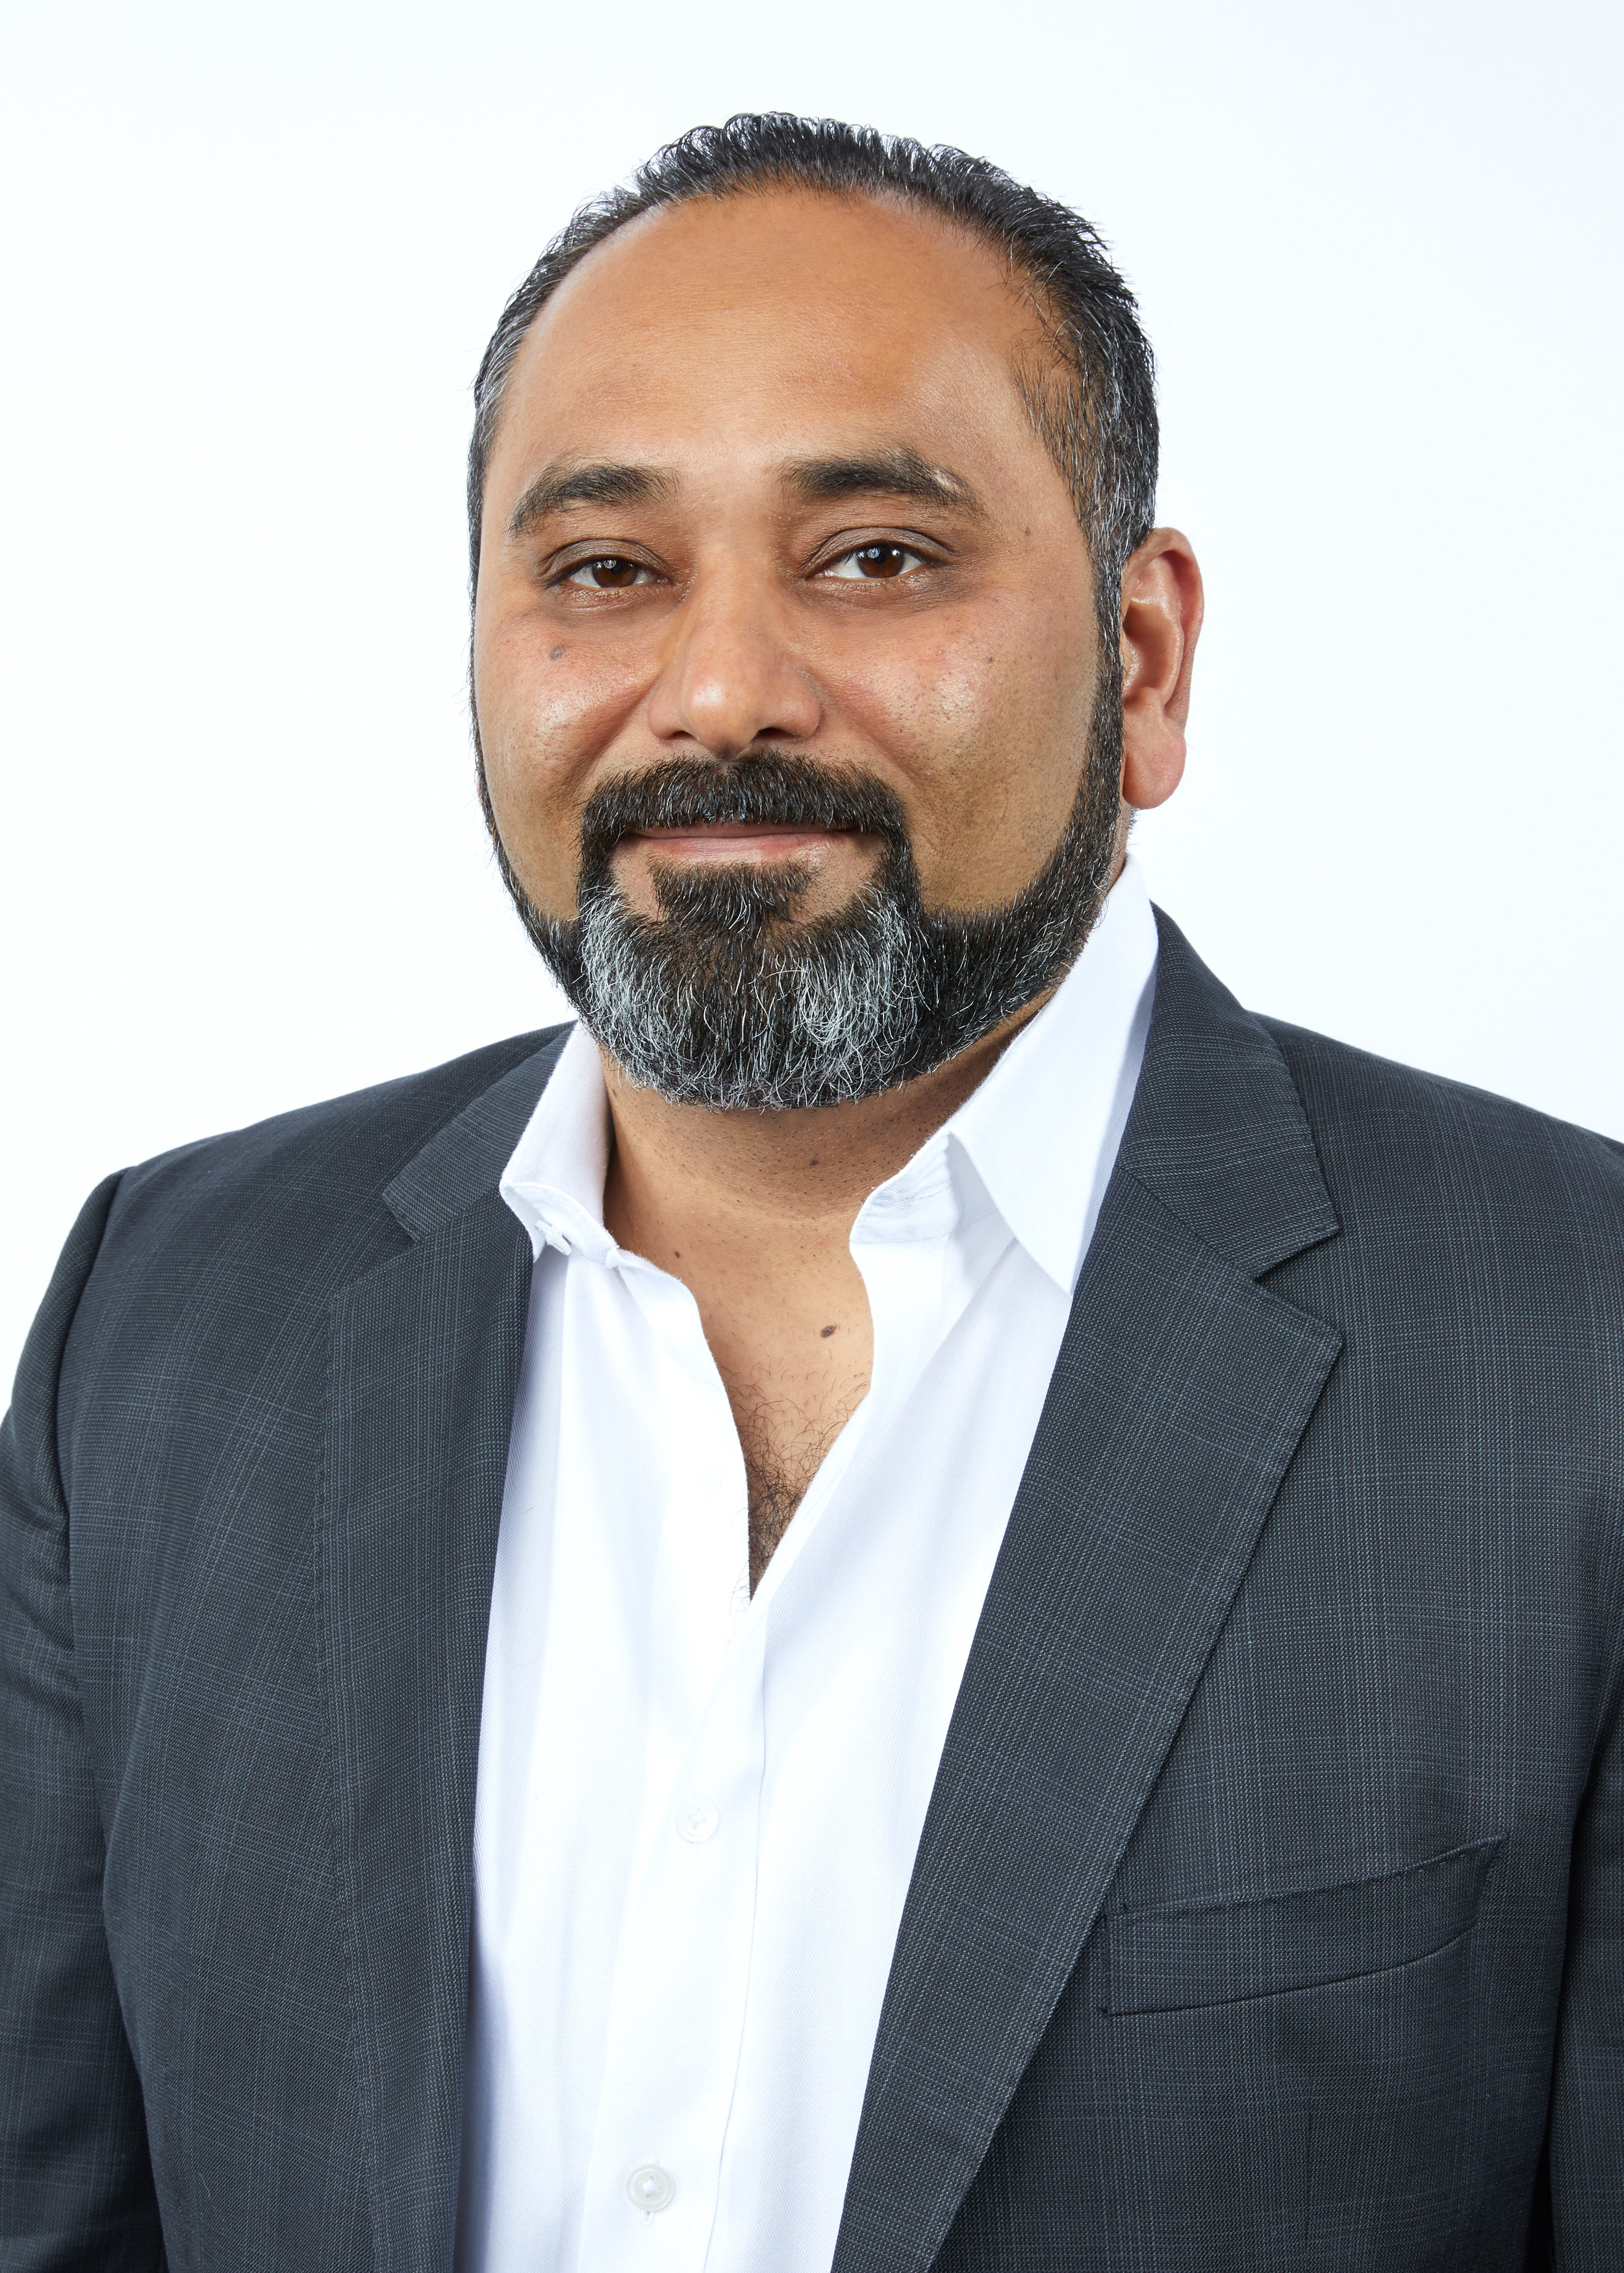 DANISH GAJIANI - CEO